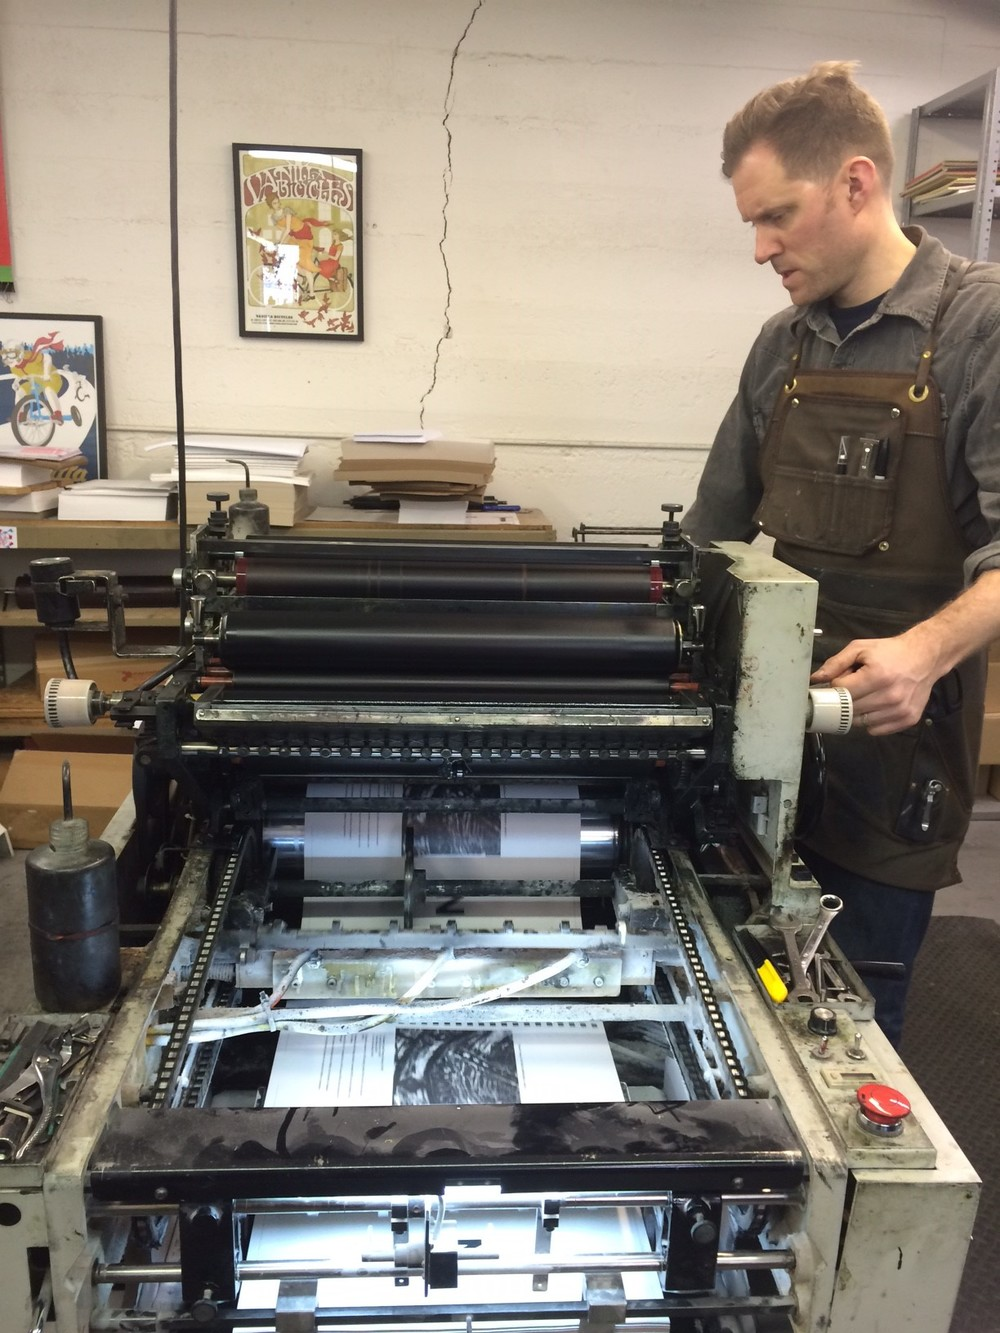 vhf137-1 on press.JPG